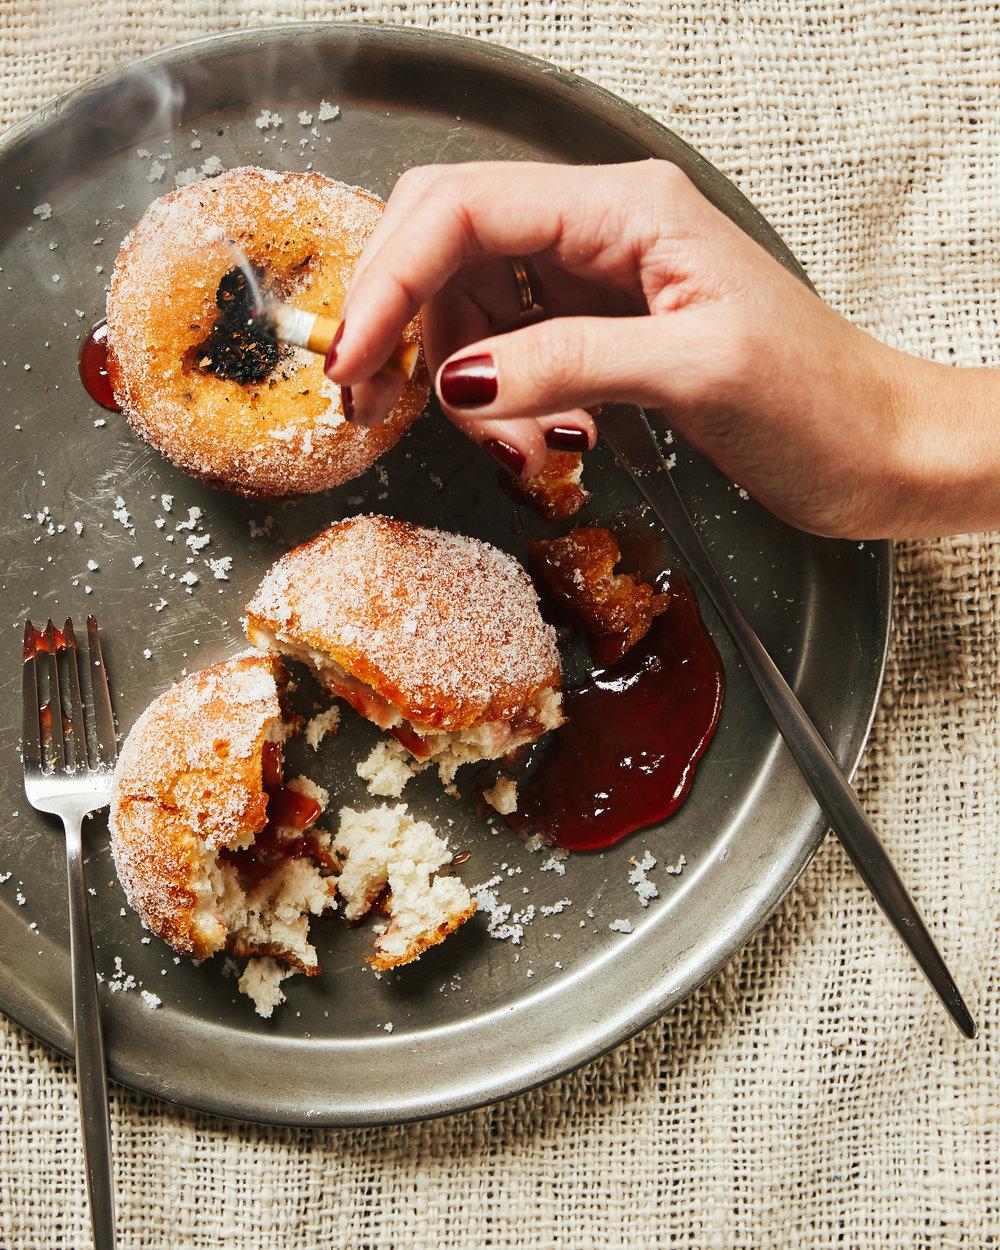 Molly-Rick_Donuts1660.jpg